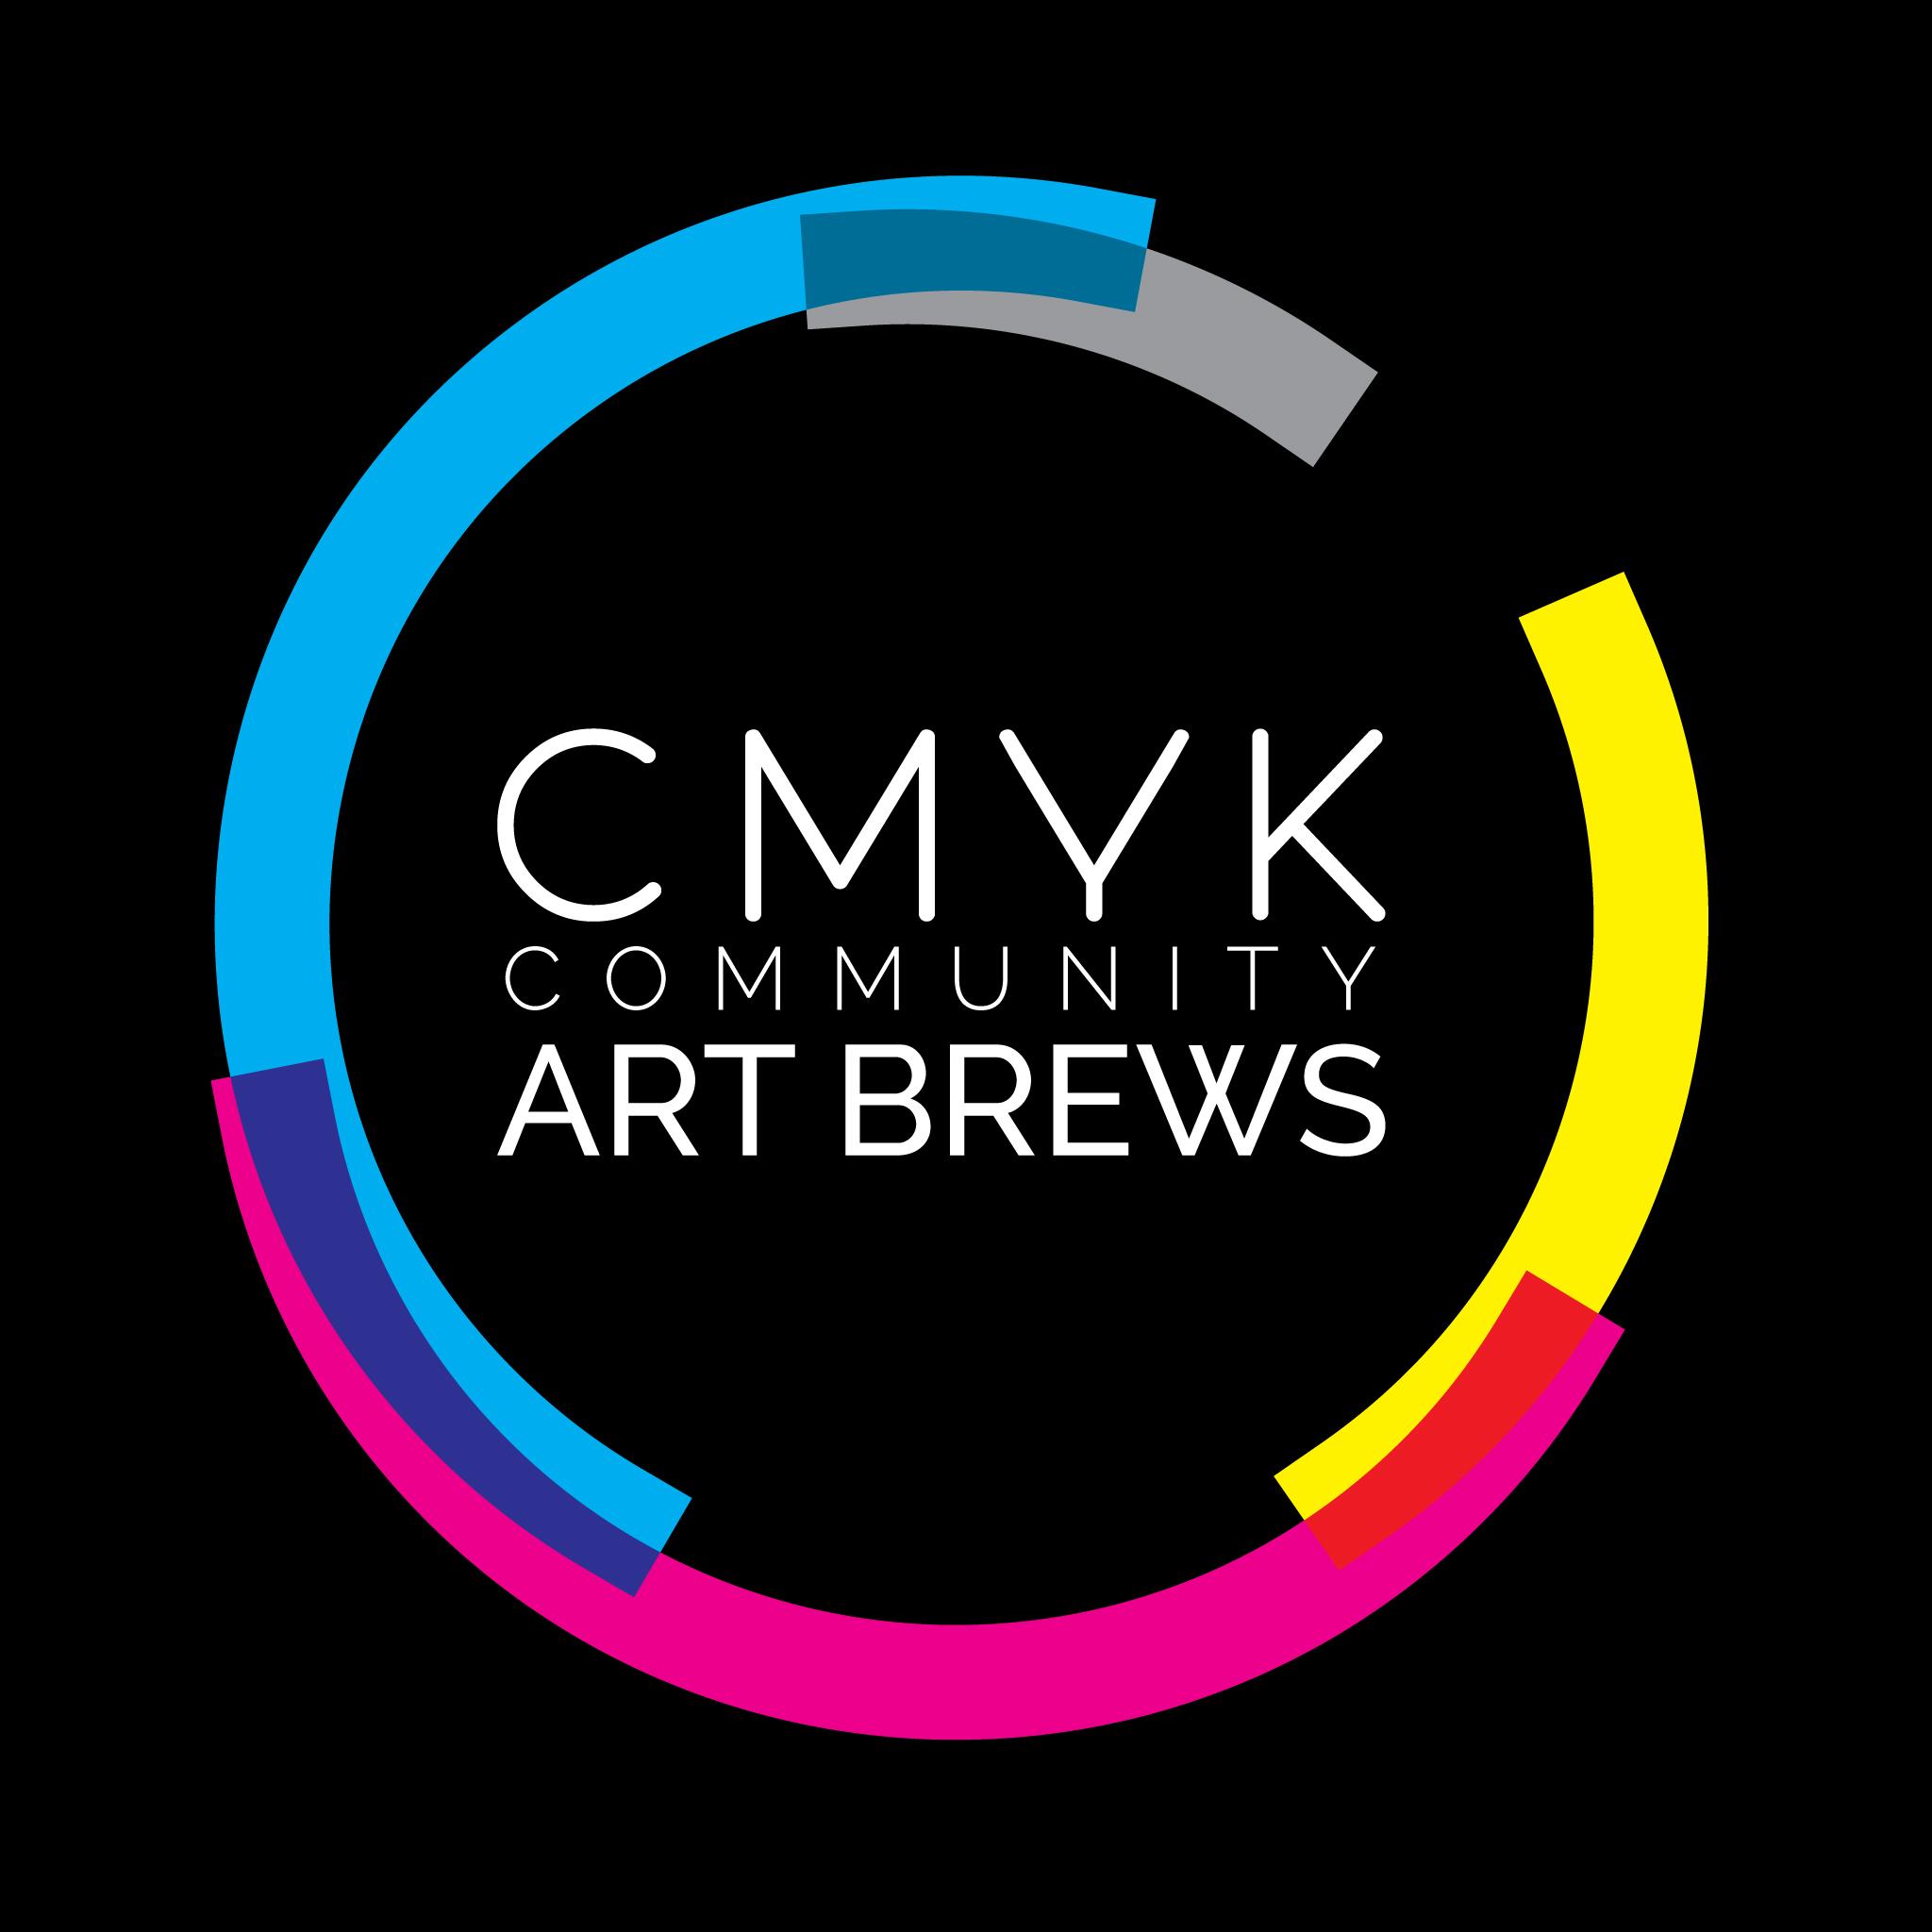 CMYK Art Brews